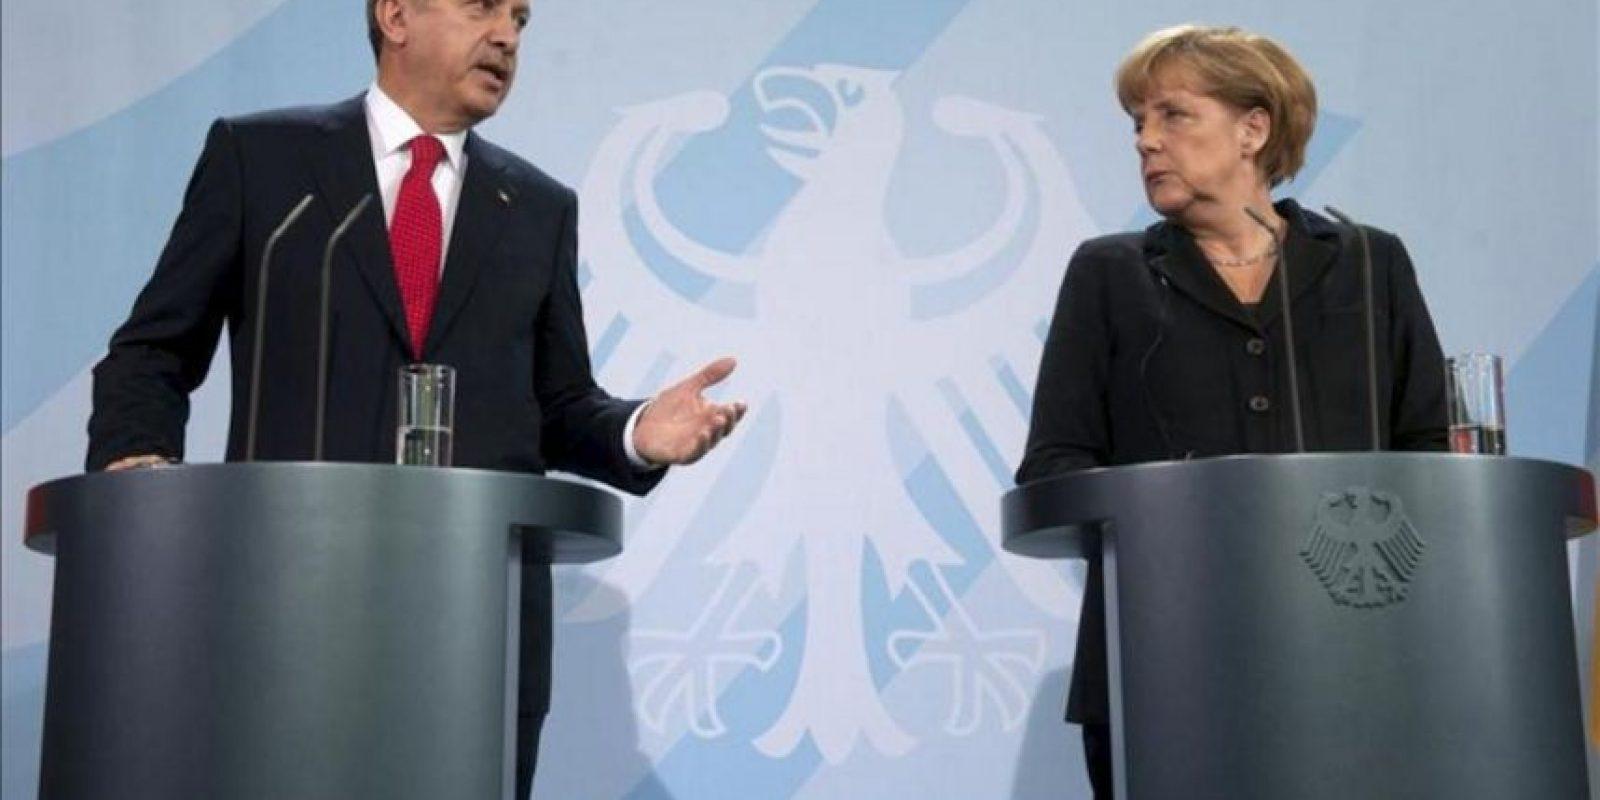 La canciller alemana, Angela Merkel (dcha), y el primer ministro turco, Recep Tayyip Erdogan (izq), dan una rueda de prensa tras la reunión mantenida por ambos responsables en la Cancillería en Berlín (Alemania) hoy, miércoles 31 de octubre de 2012. EFE